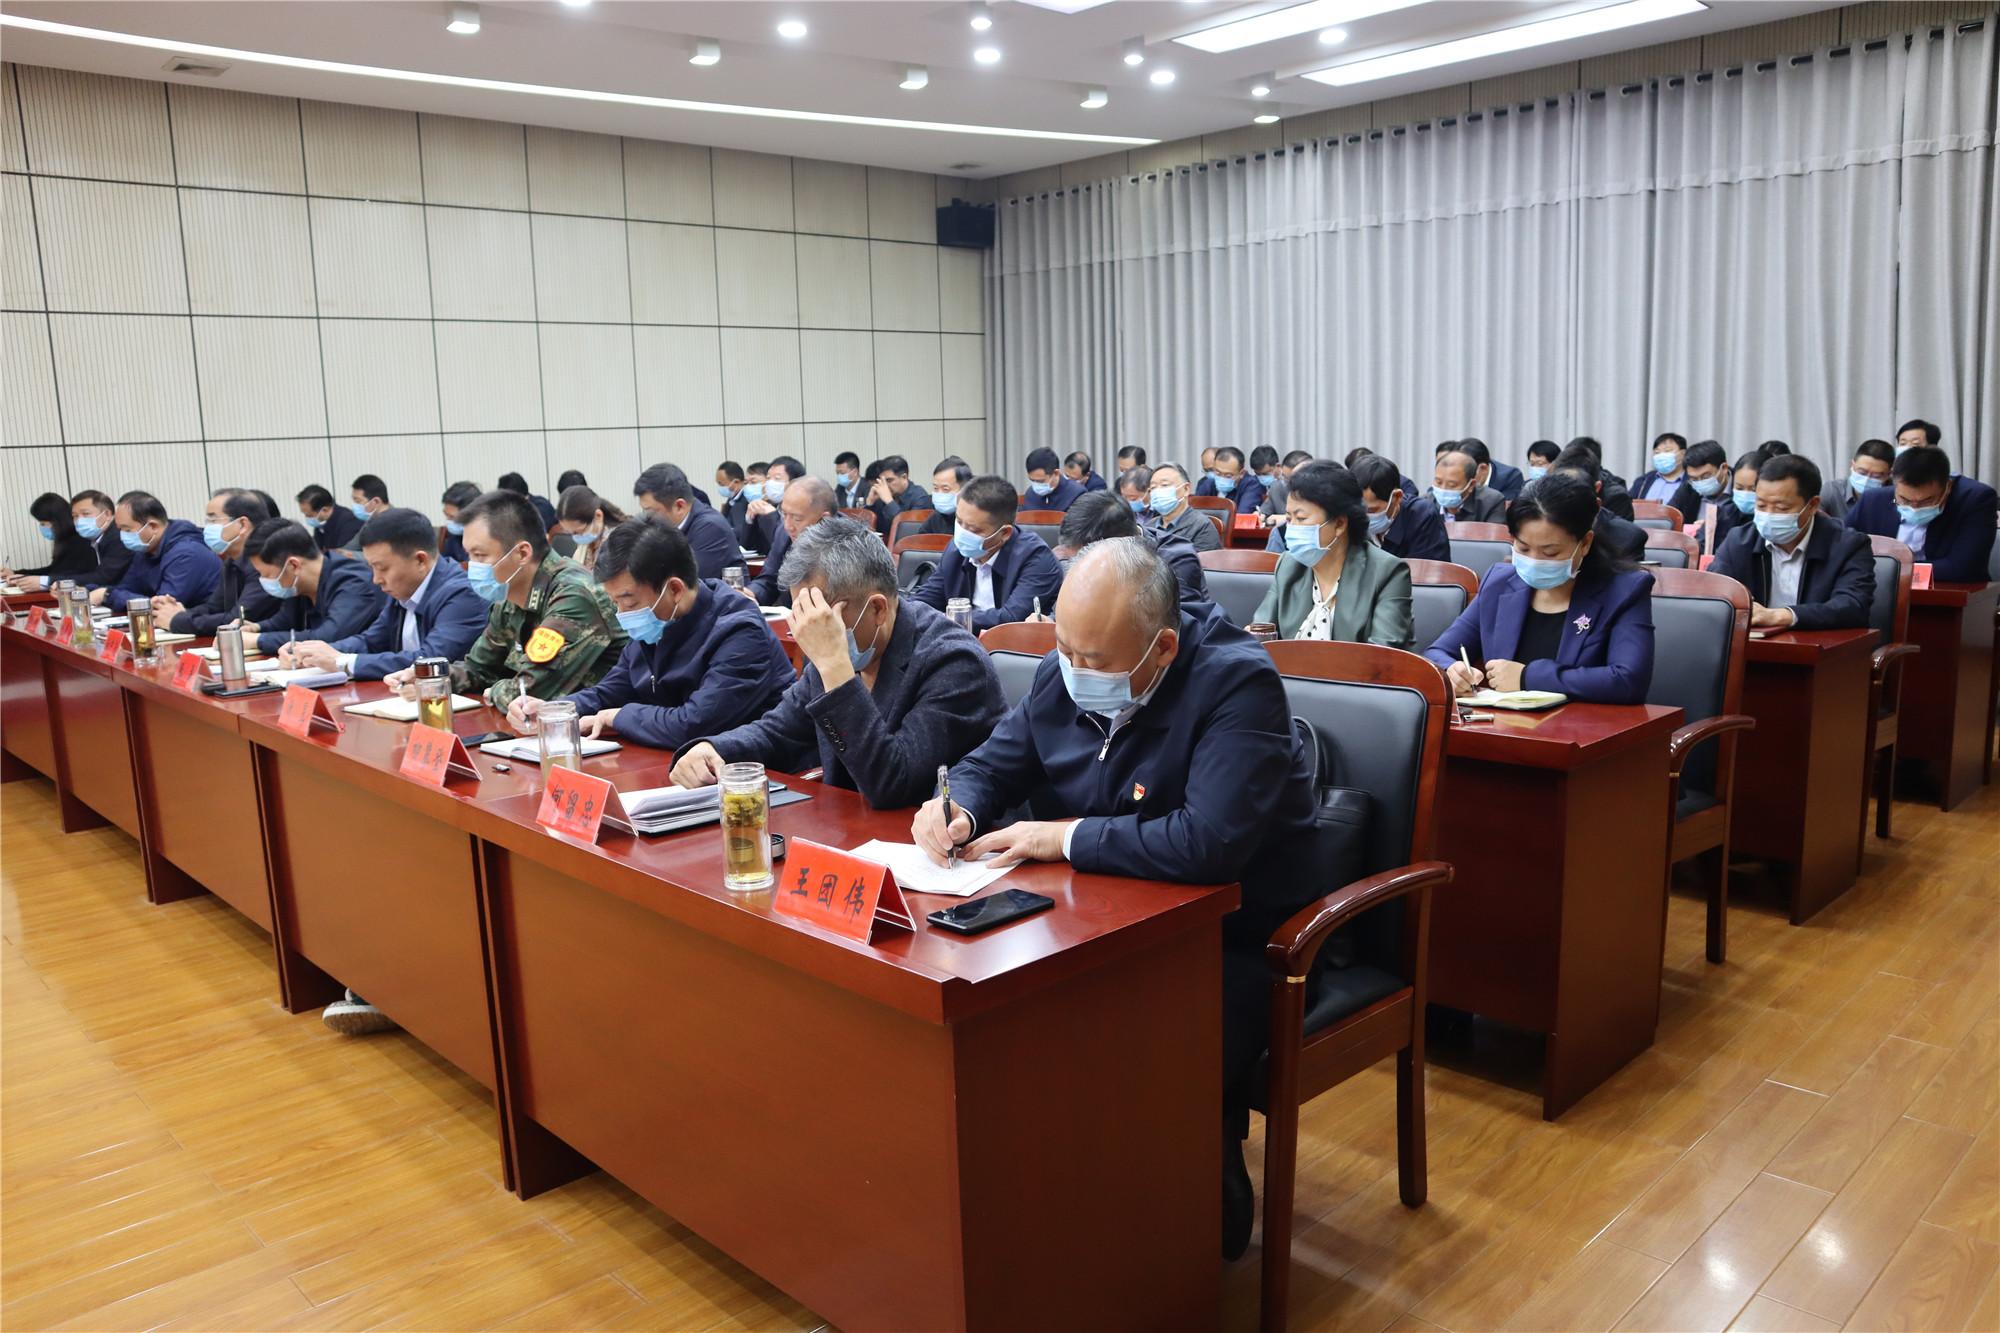 10月9日县四大班子联席会议召开.2_副本.jpg